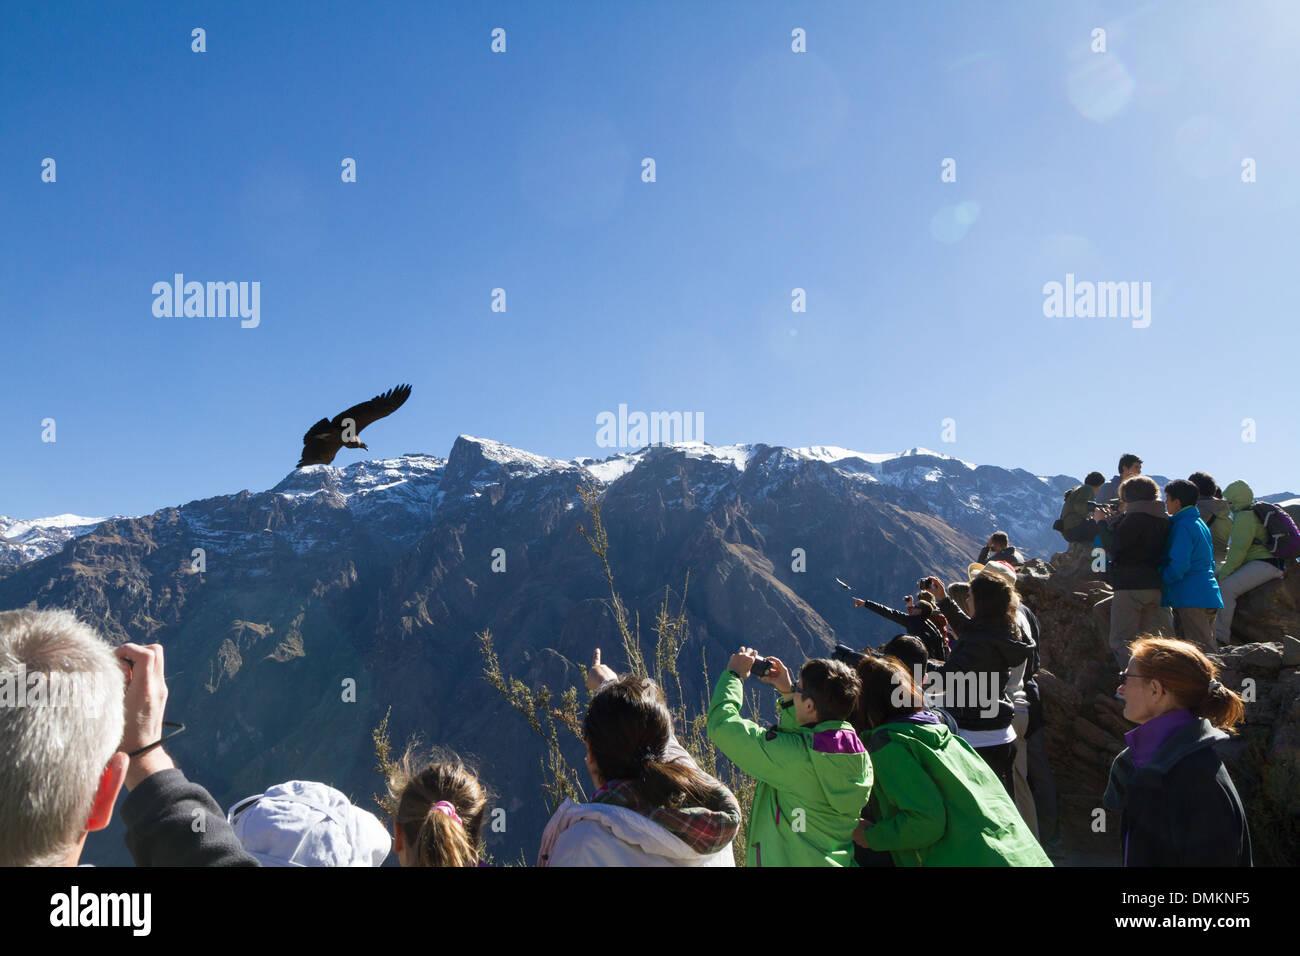 Cruz del Condor, Viewpoint at Colca Canyon, Peru - Stock Image